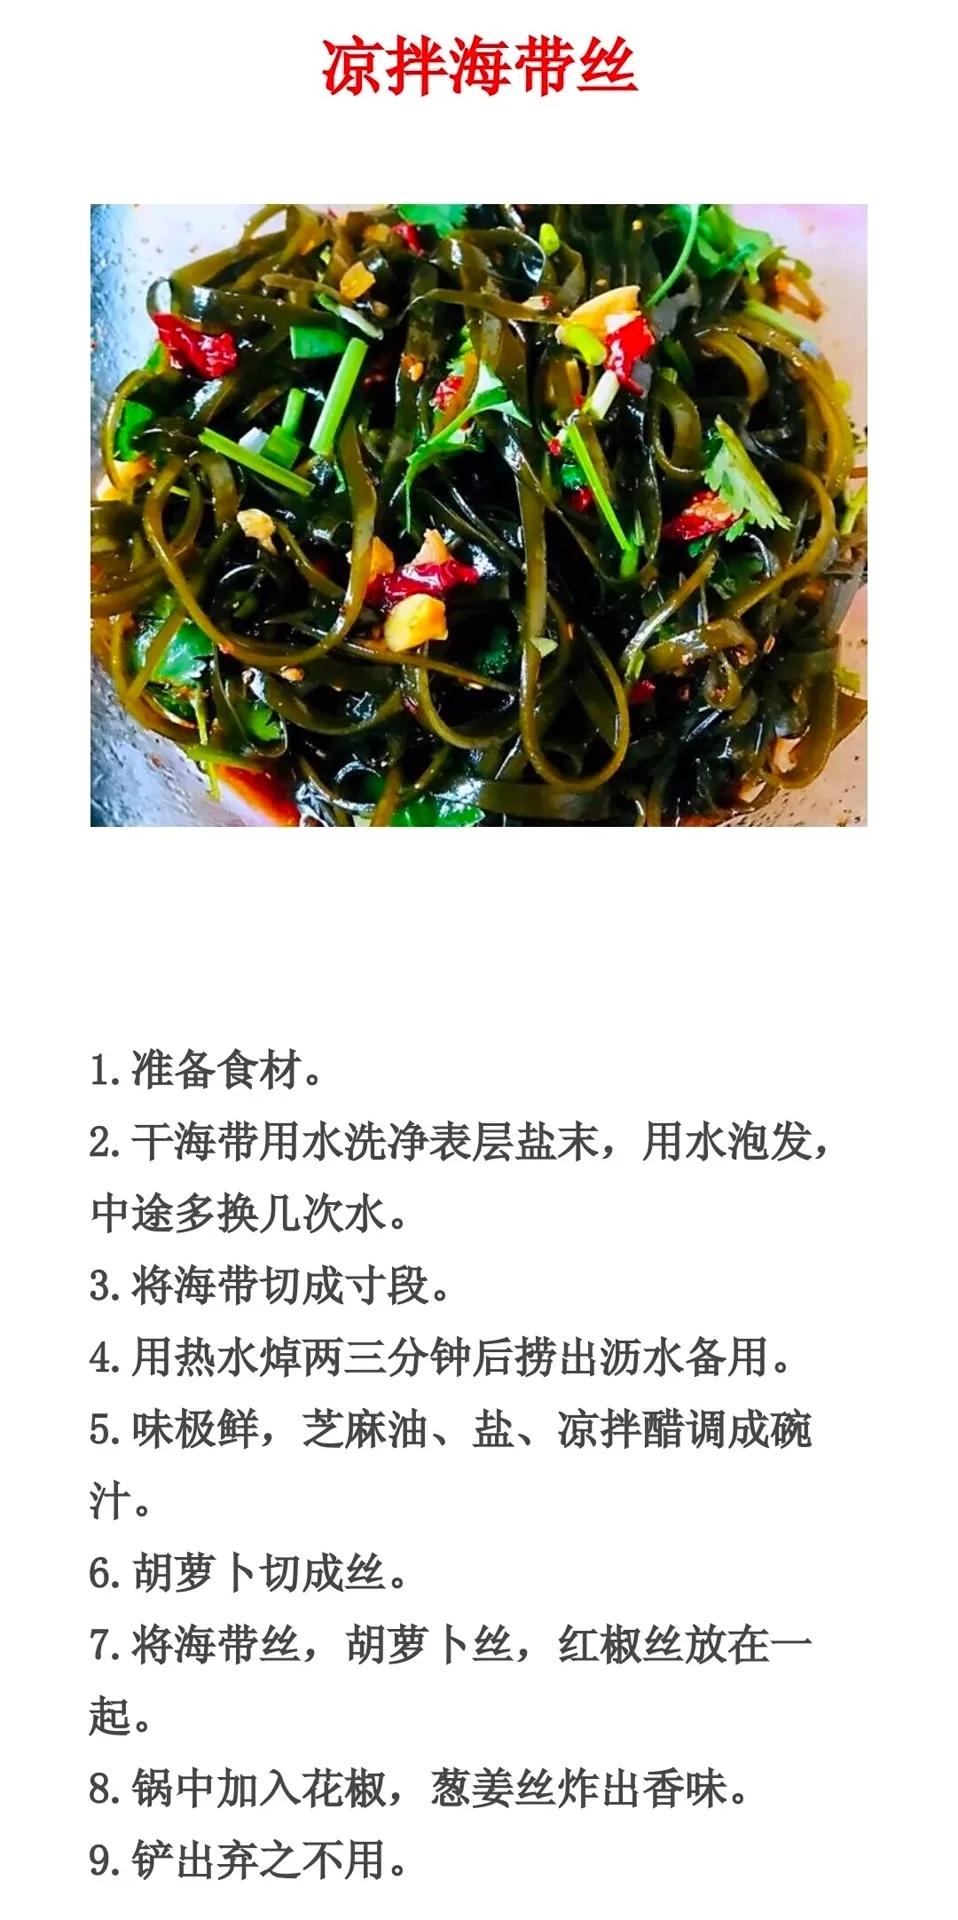 50种凉拌菜做法及配料(二)夏季常吃的凉菜菜谱家常做法 美食做法 第11张